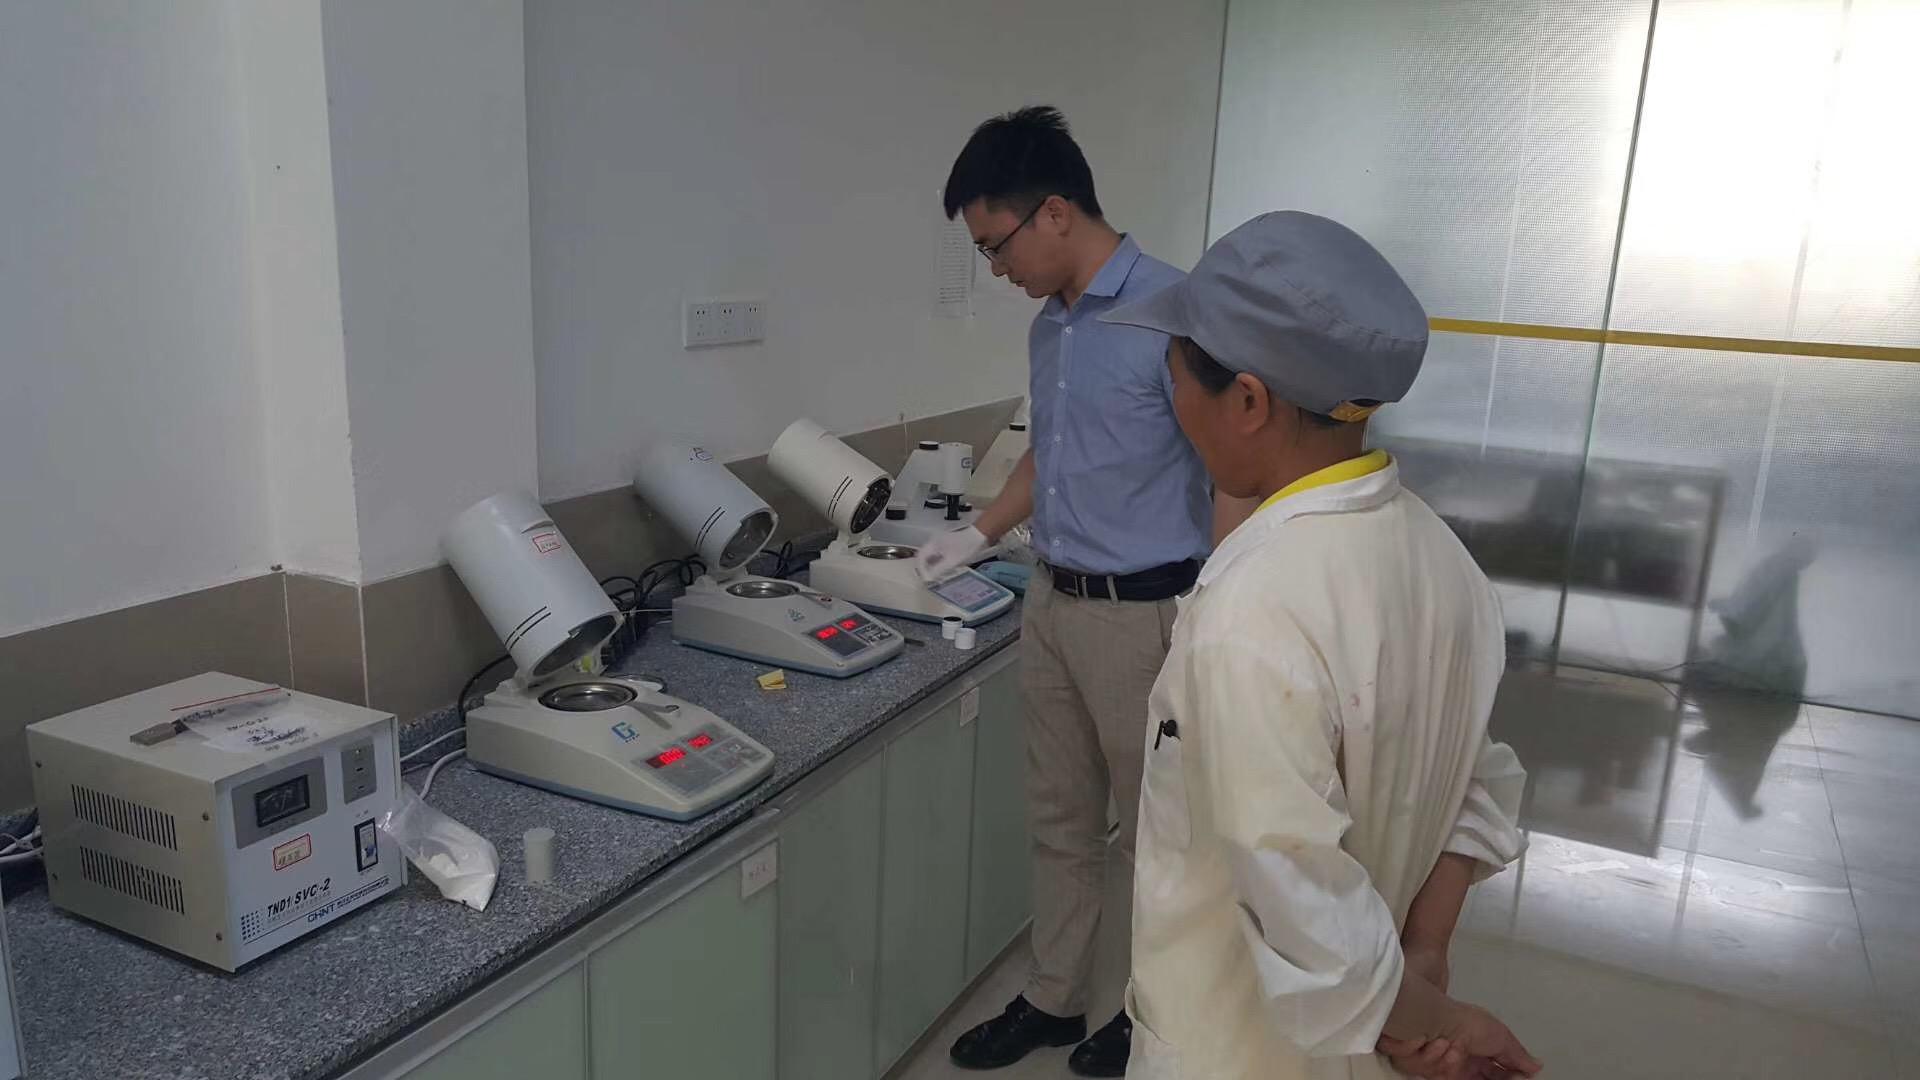 碳酸钙水分快速检测仪